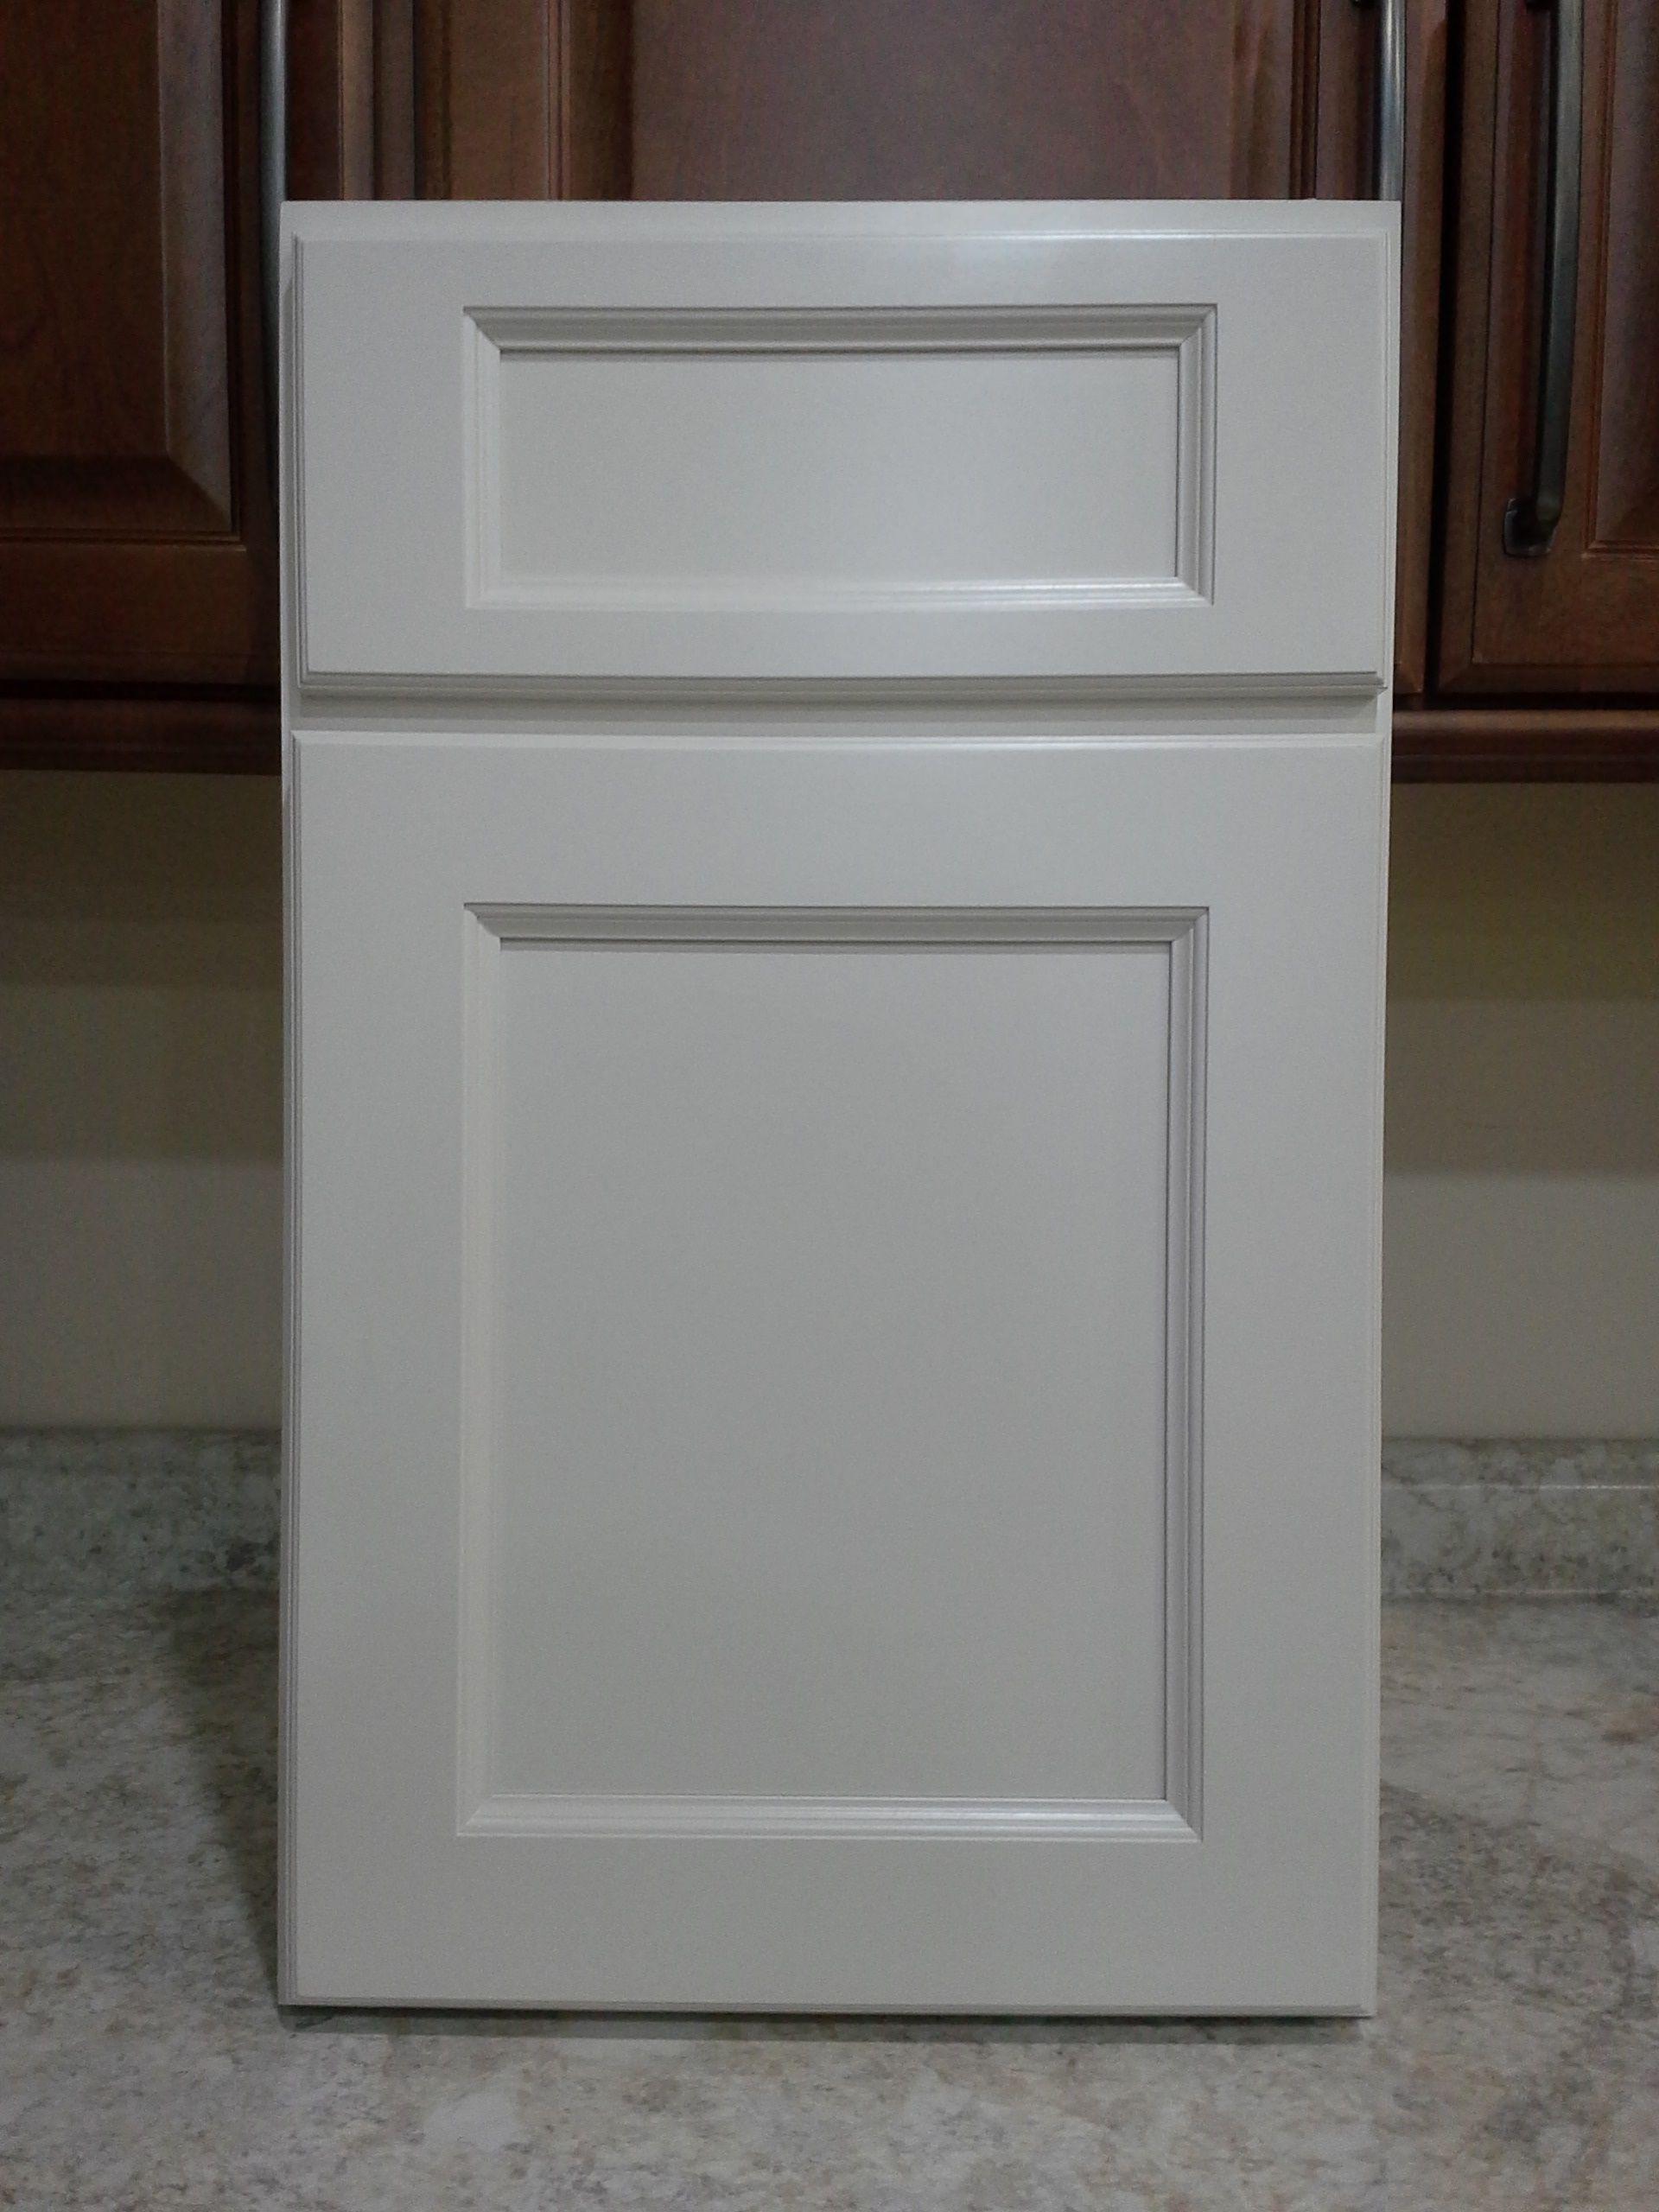 Best Echelon Addison Door Style Maple In Linen Enamel Paint By 400 x 300